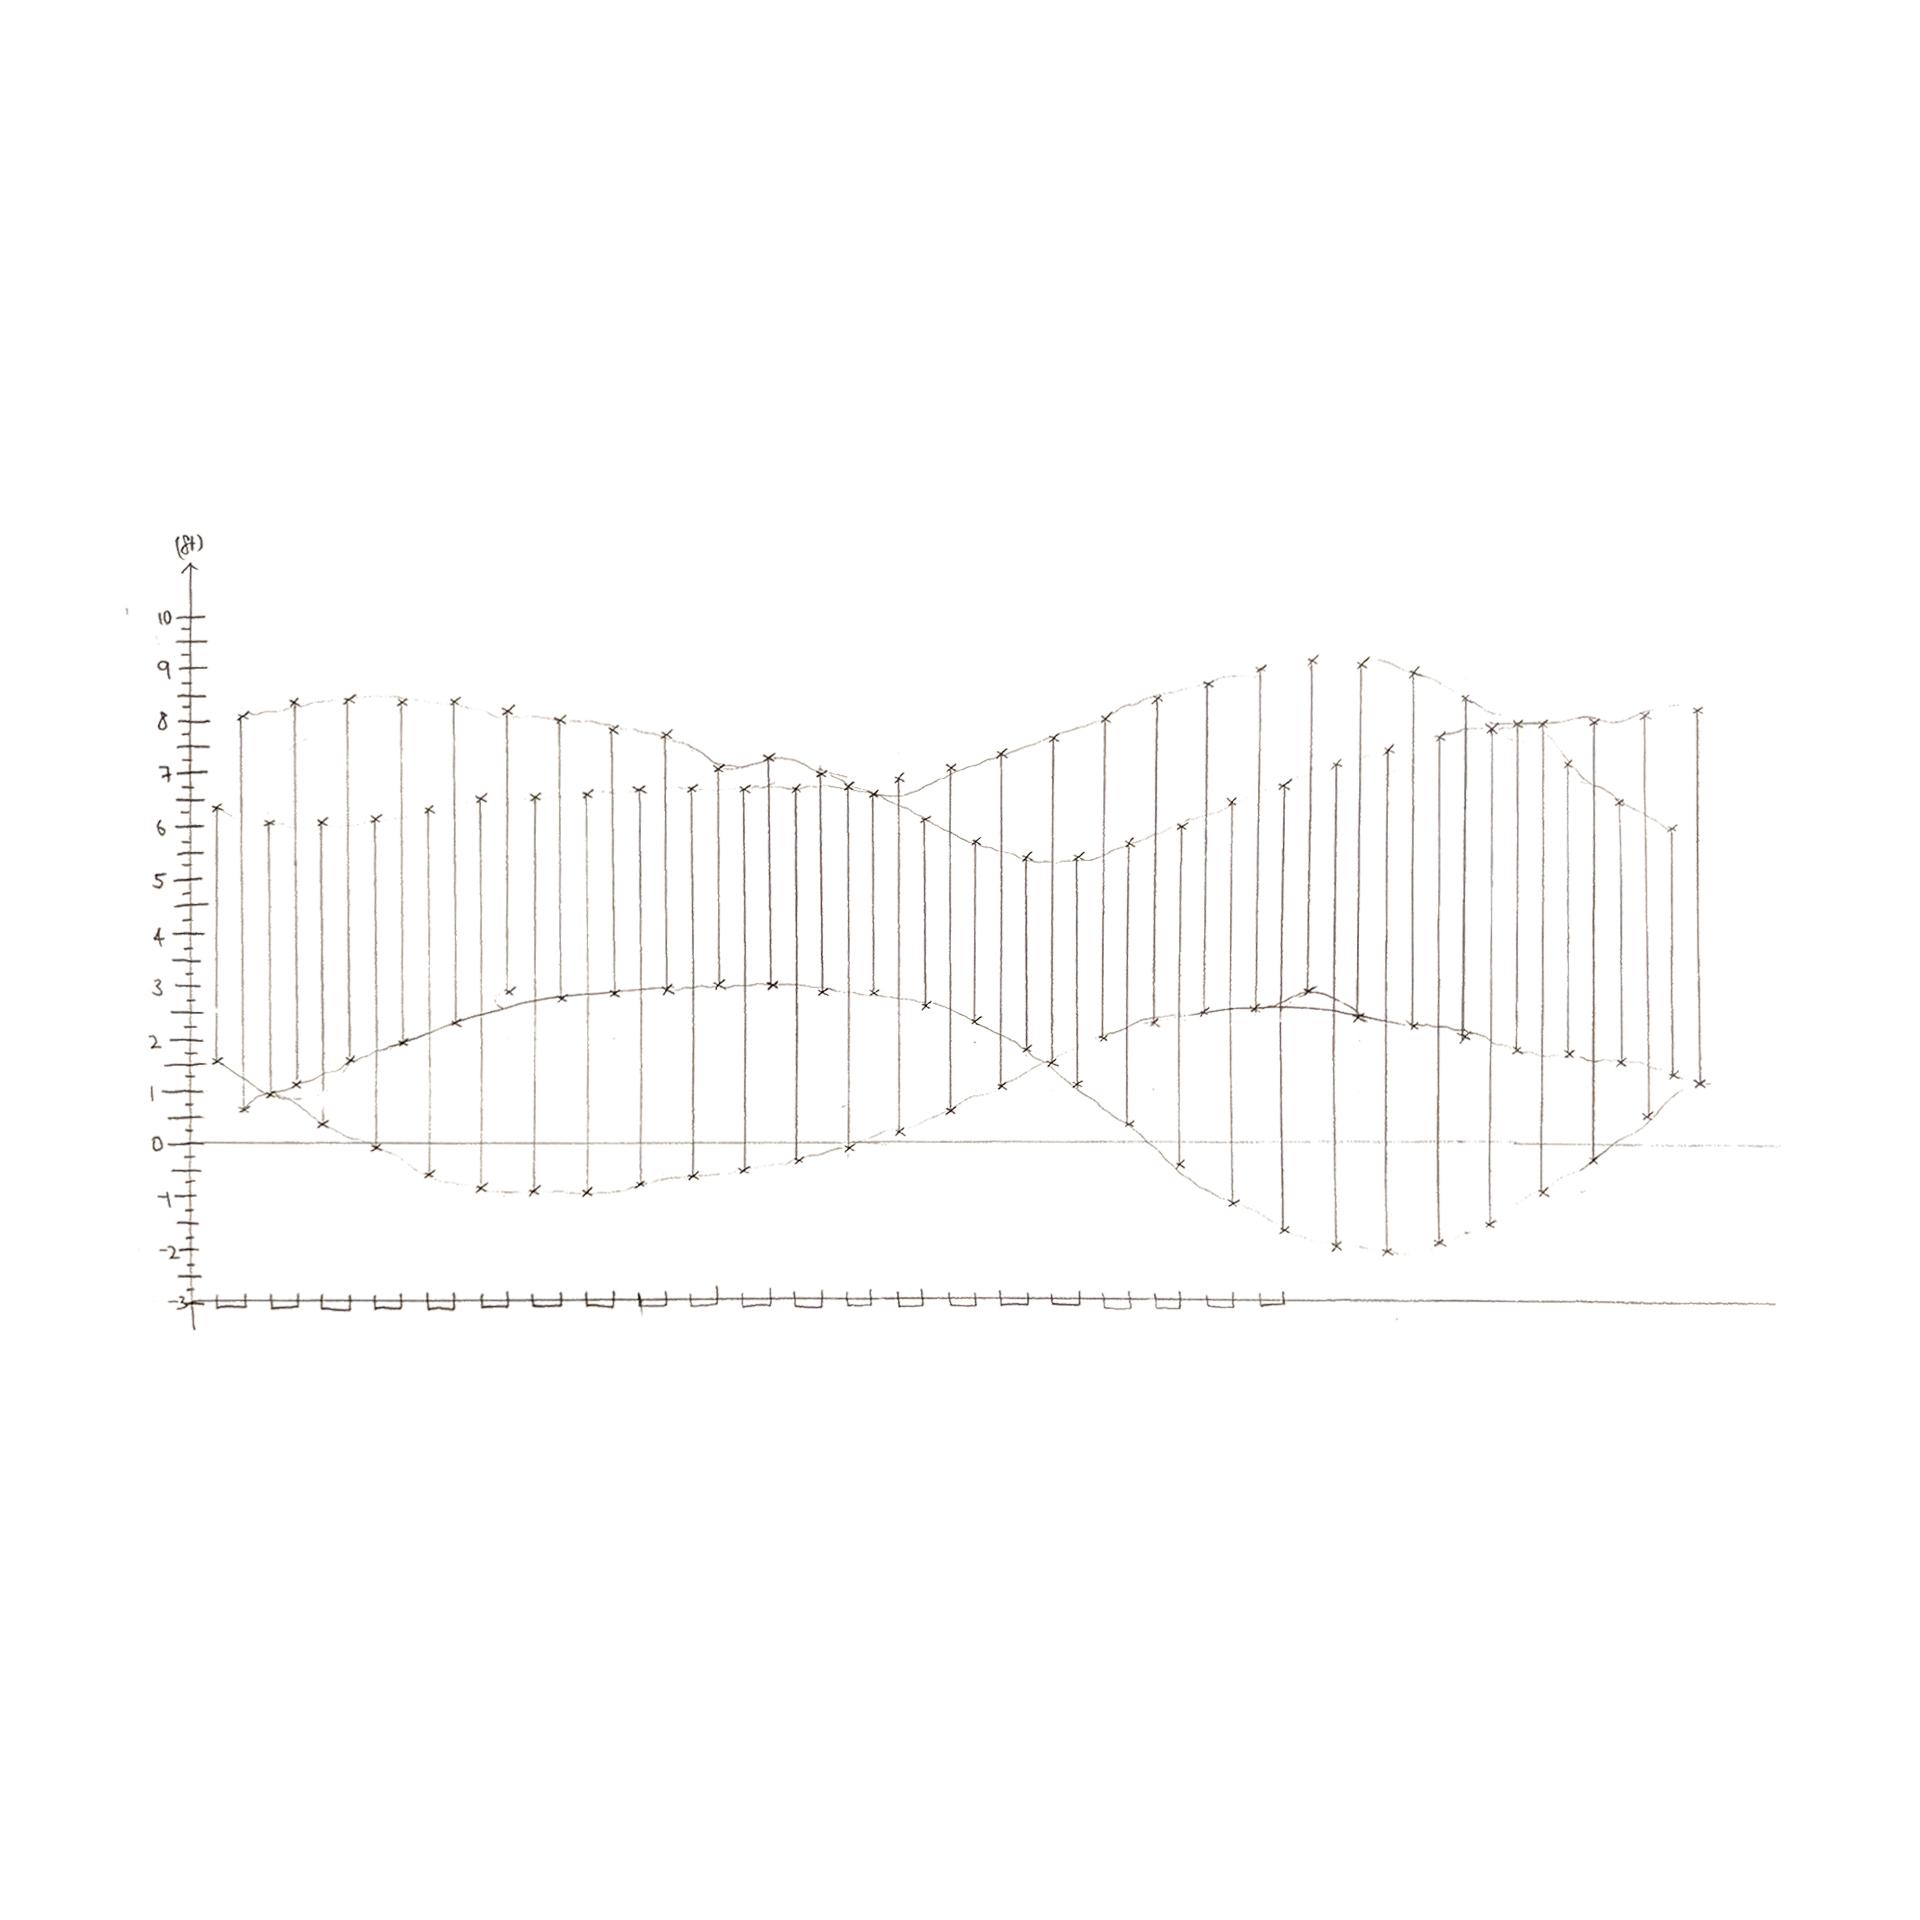 Tide_Data_02.jpg